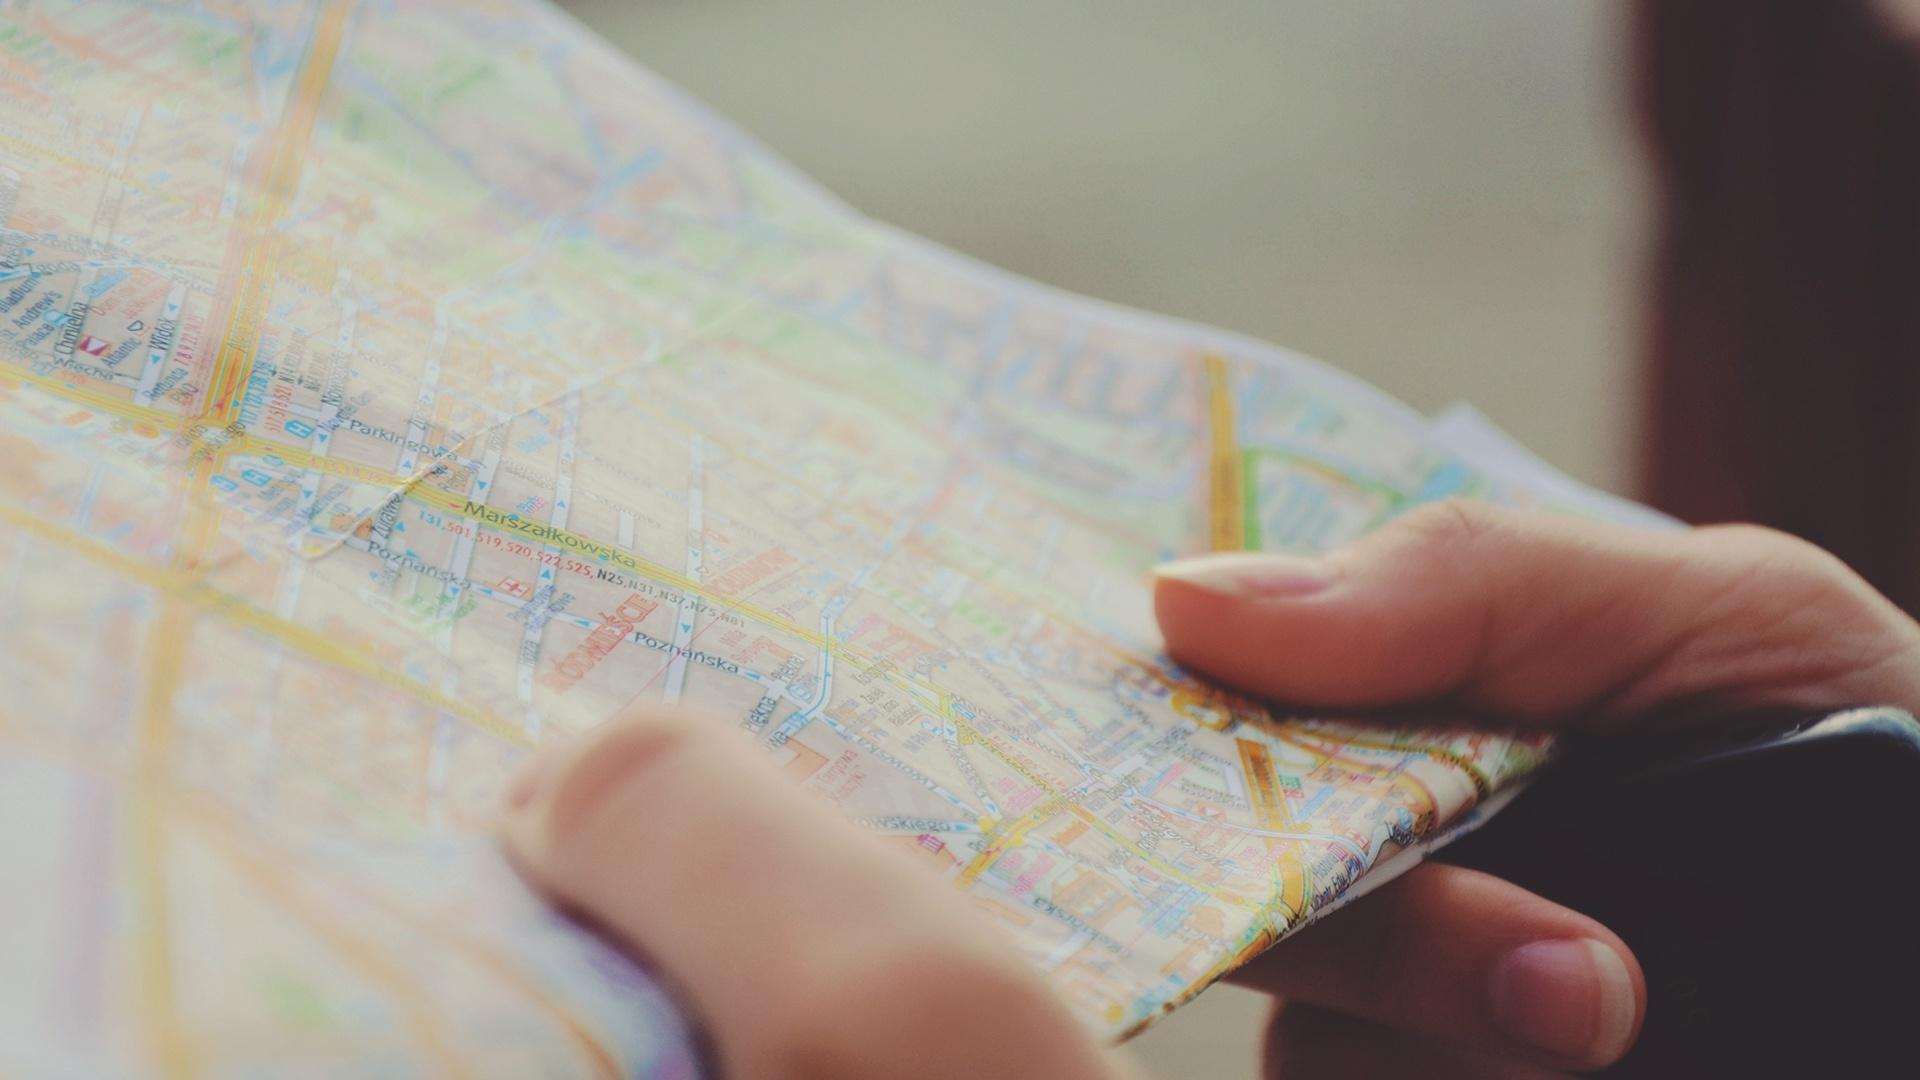 Landkarte in der Hand